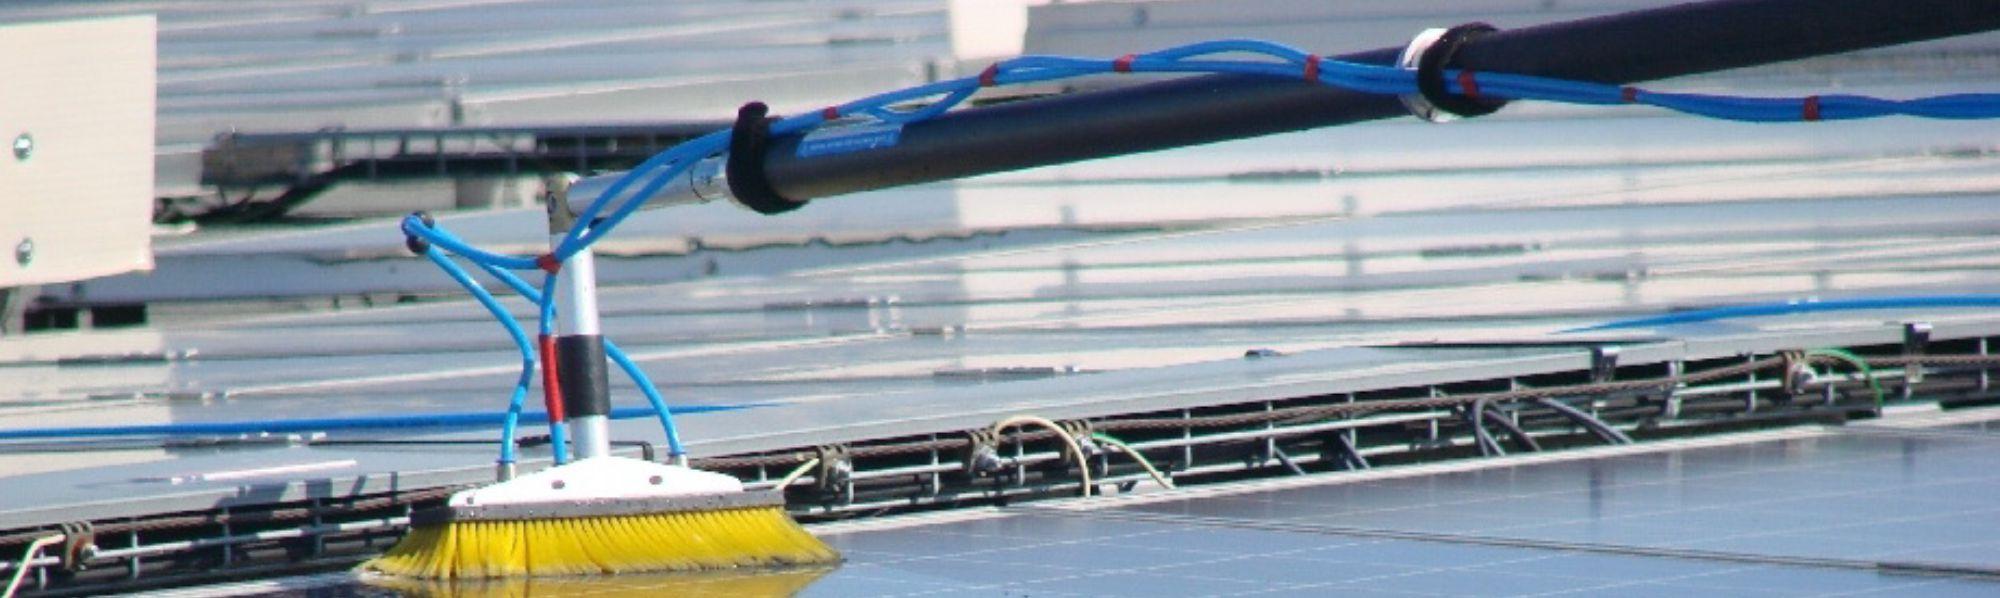 nettoyage photovoltaique dépannage maintenance